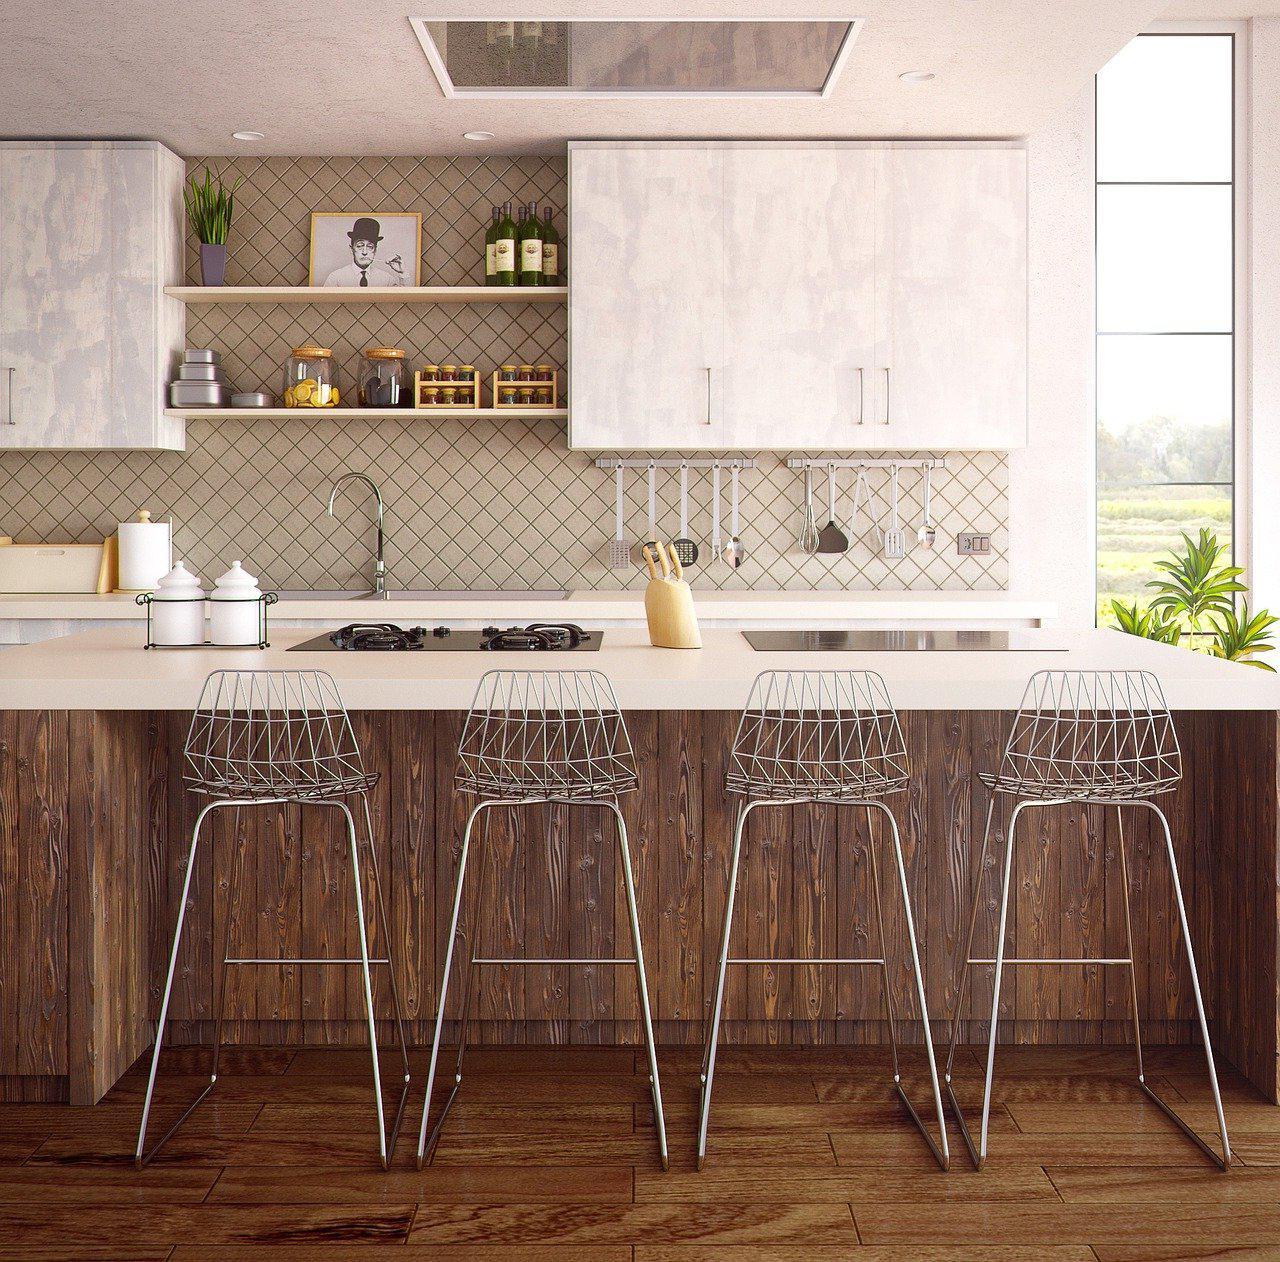 Rénovation de cuisine à Vitré 35500 : Les tarifs